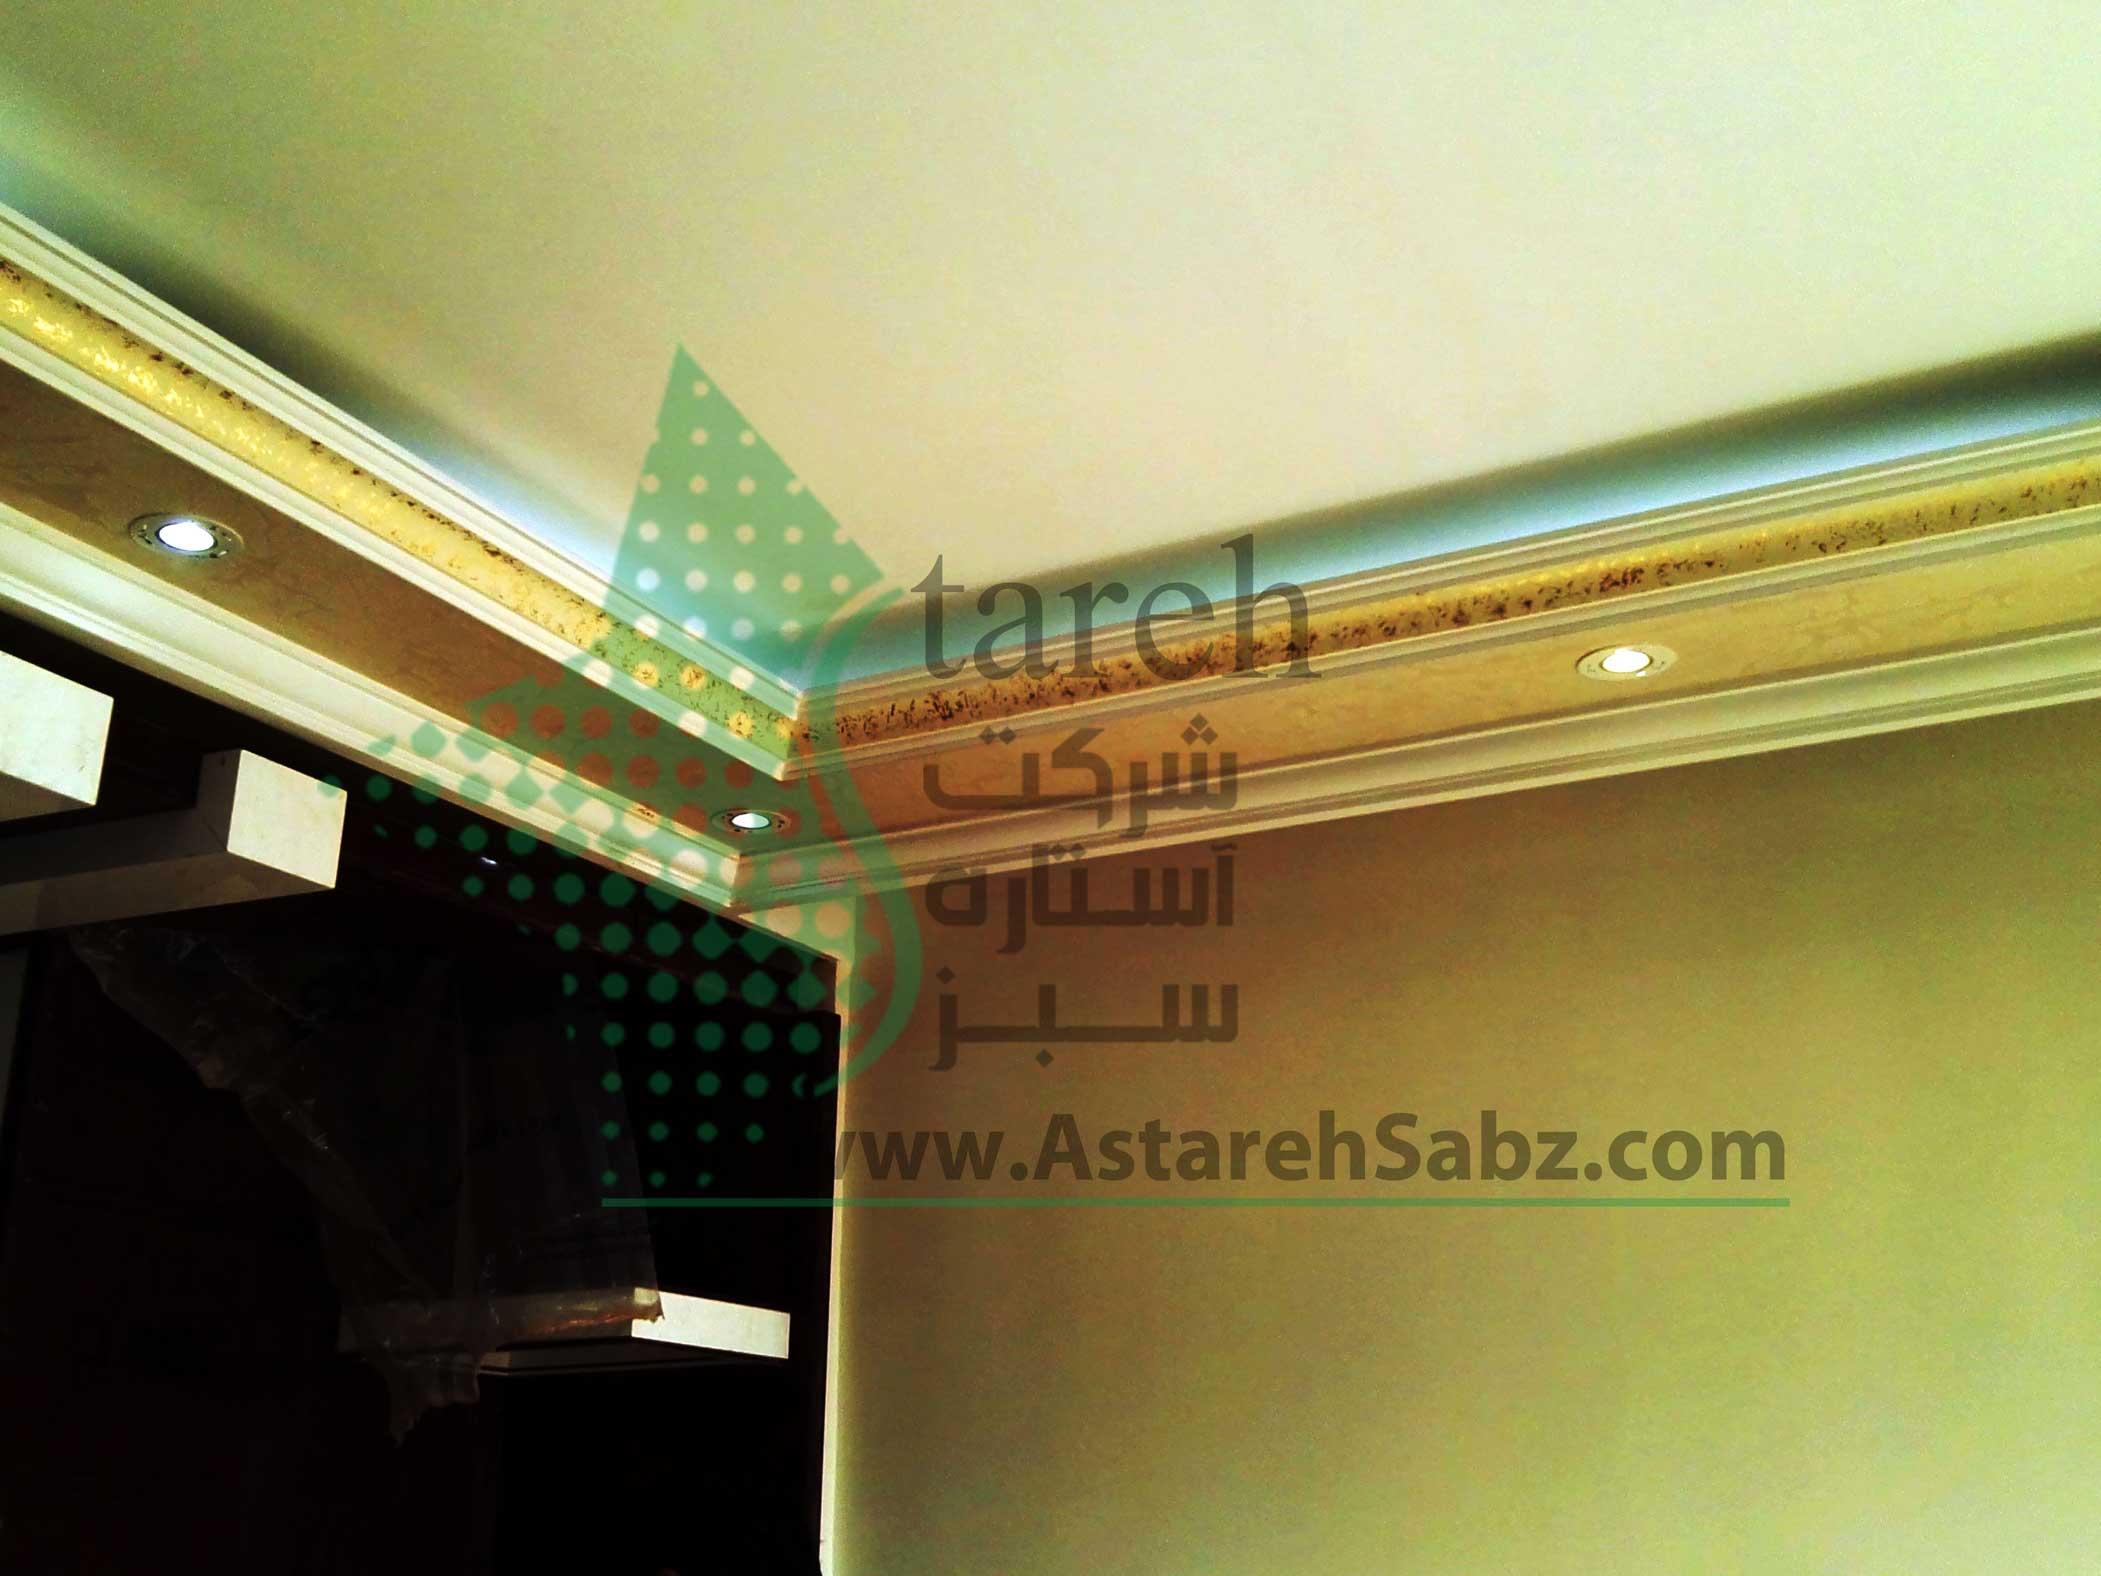 (Astareh Sabz (232